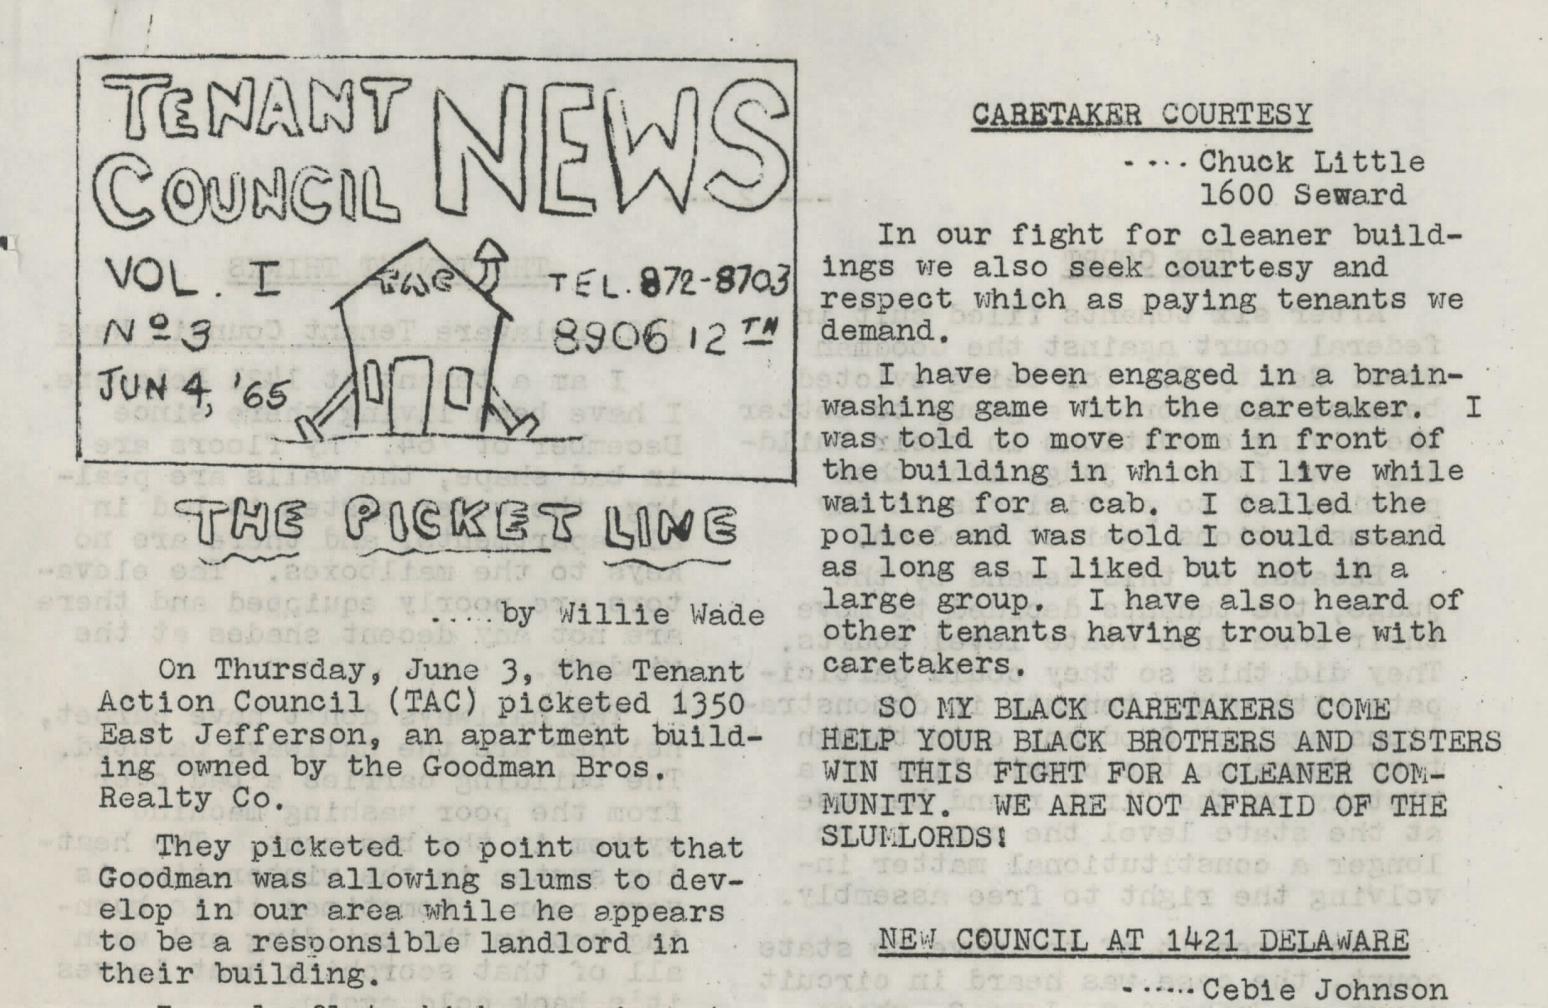 Tenant Council News, vol. 1, no. 3 (June 4, 1965)